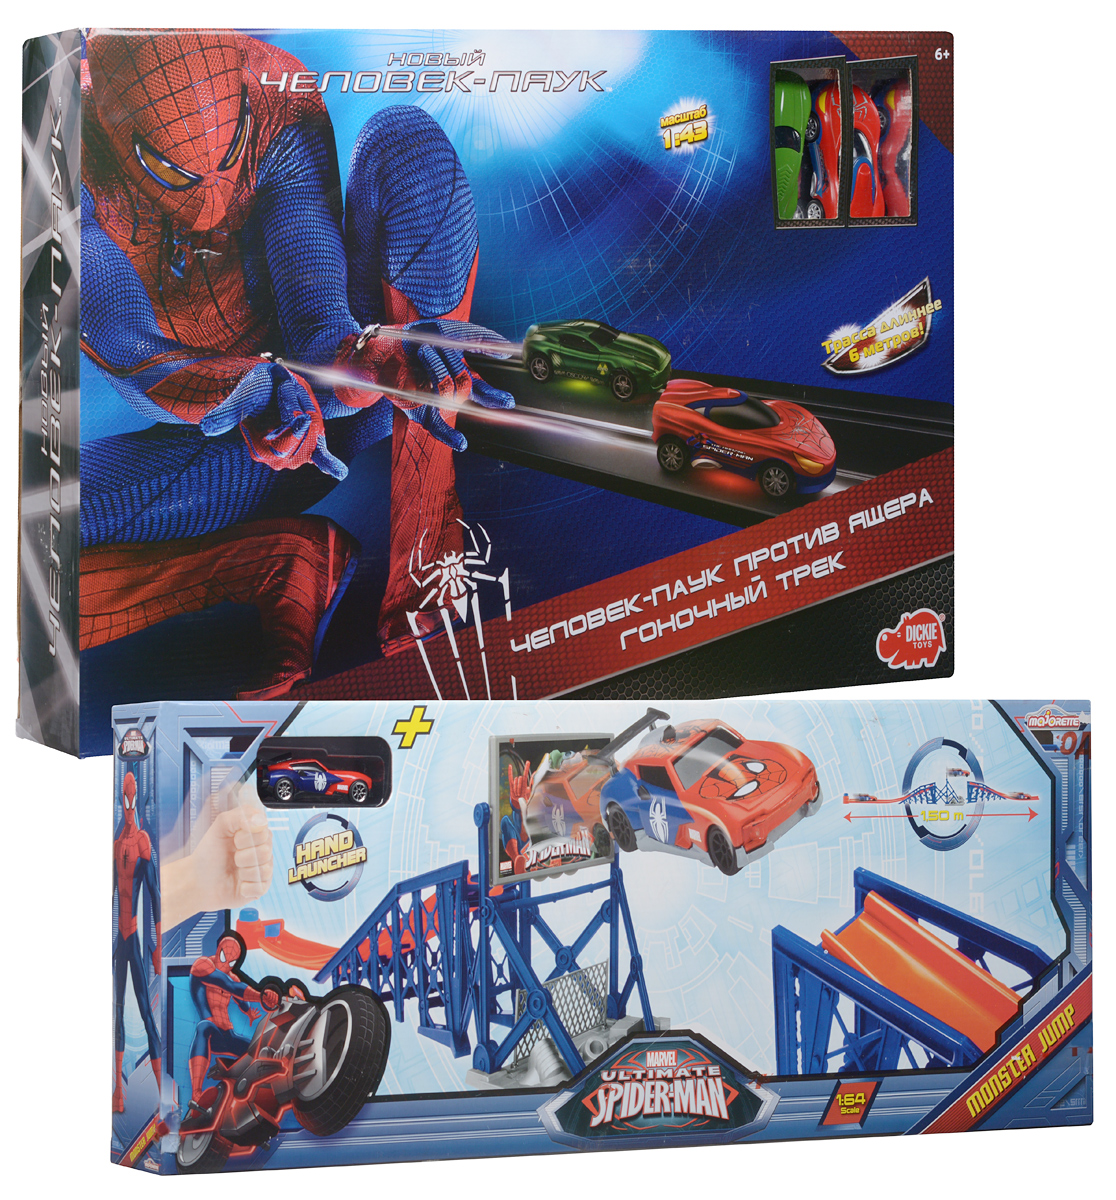 Dickie Toys Игрушечный трек Человек-Паук против Ящера + Подарок Трамплин Человек-Паук dickie toys игрушечный трек человек паук против ящера подарок трамплин человек паук